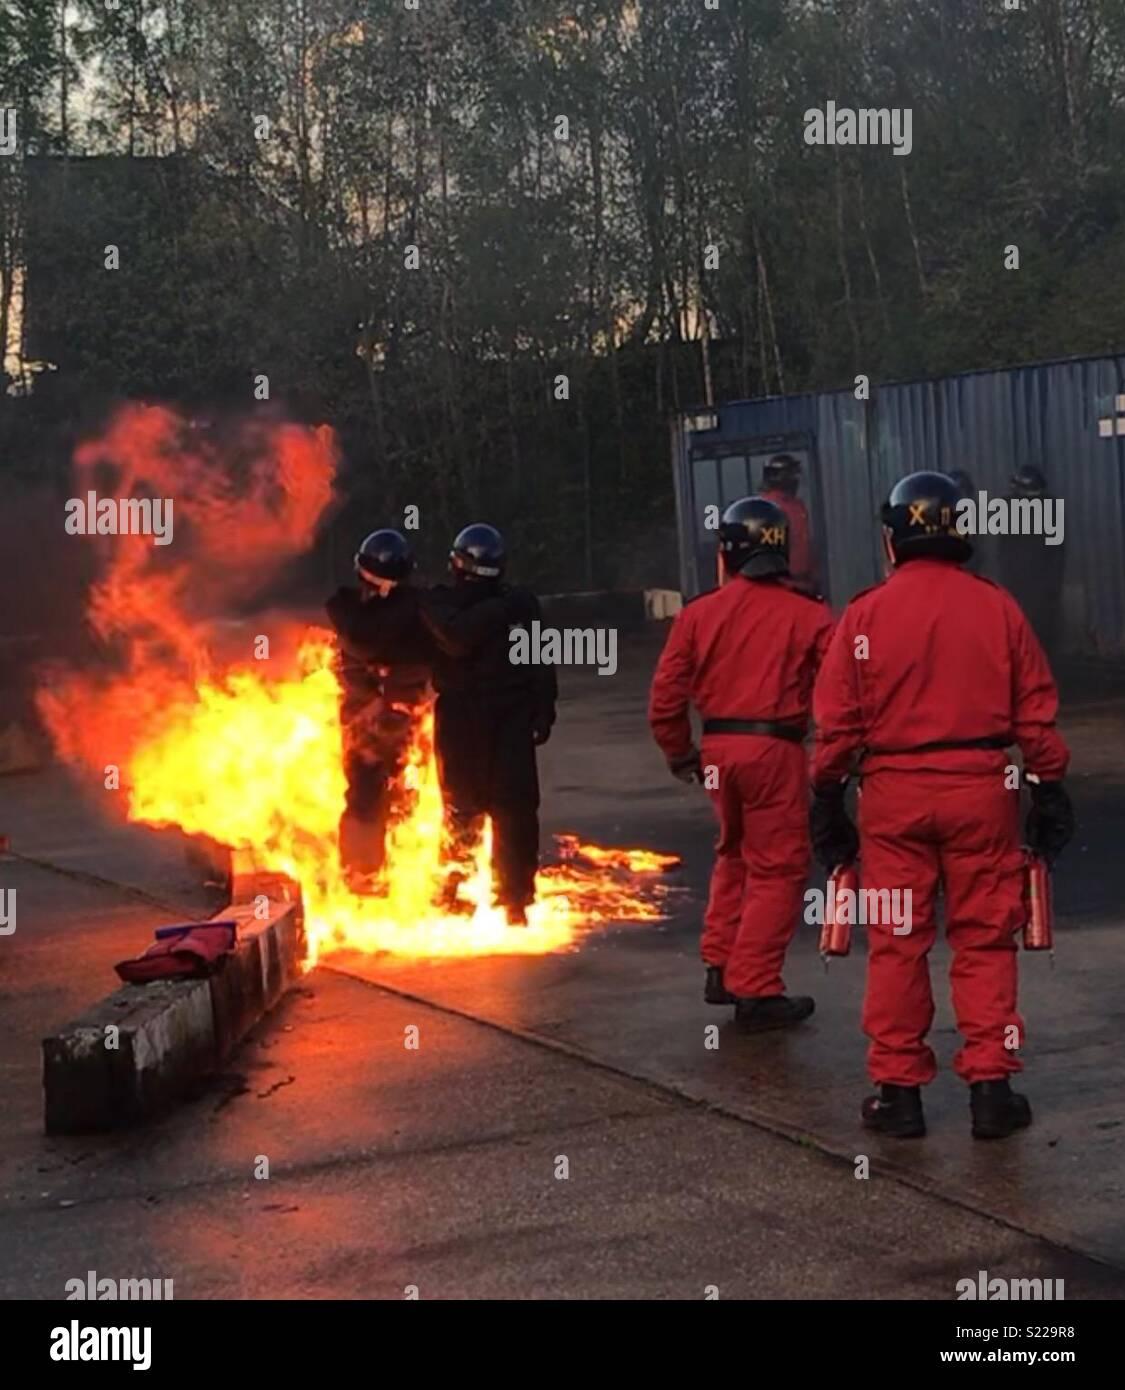 Oficiales de policía capacitación con bombas de gasolina Imagen De Stock